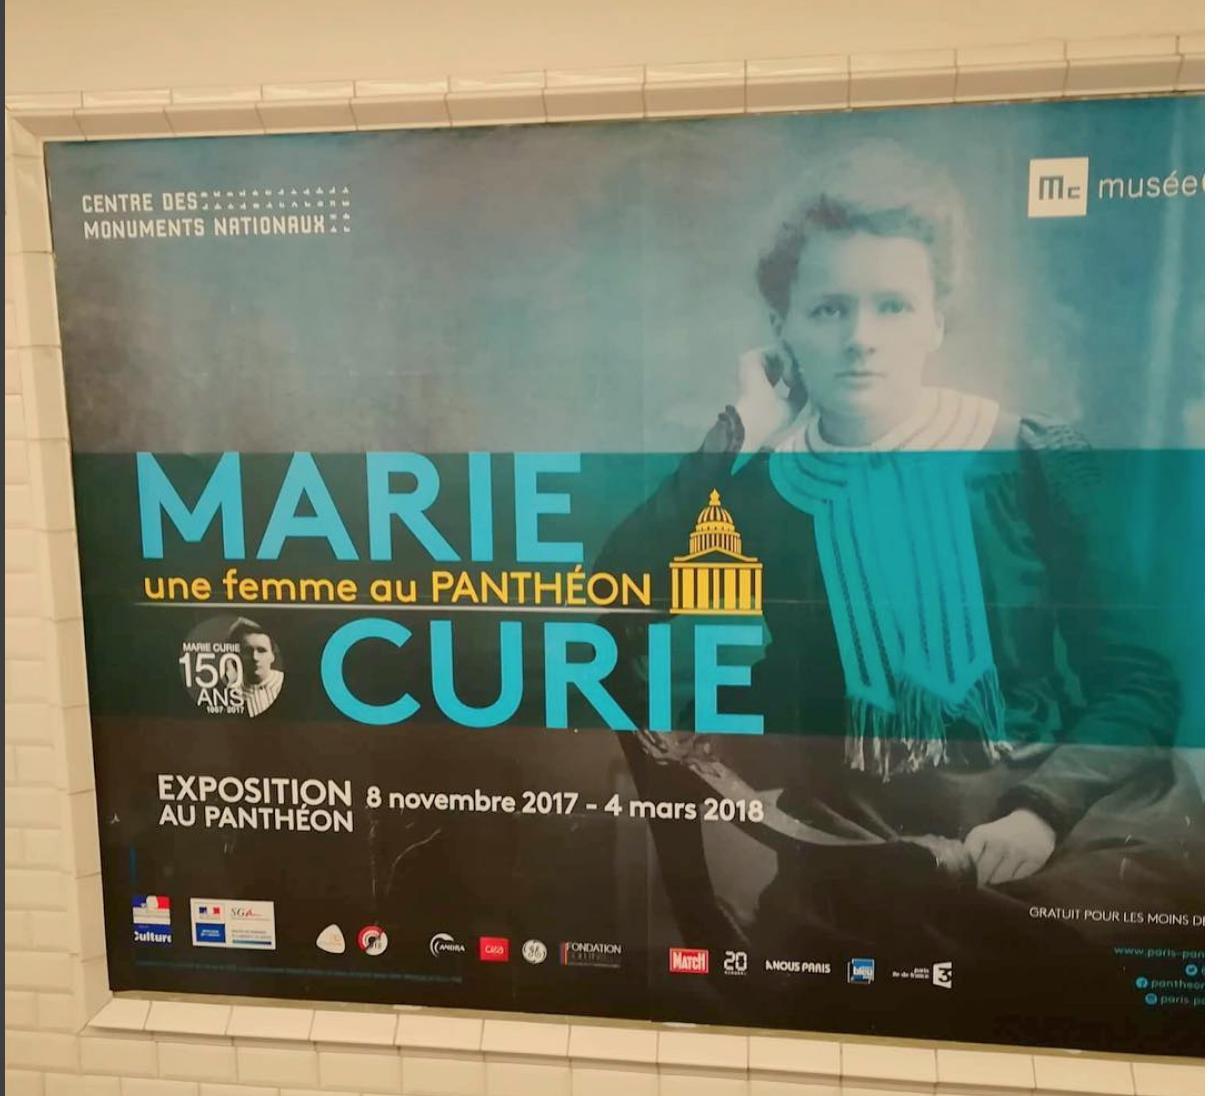 Ho raggiunto Parigi per nuove ricerche, poi Londra, da altri amici ricercatori che mi aiuteranno, e poi Zurigo e Berna…